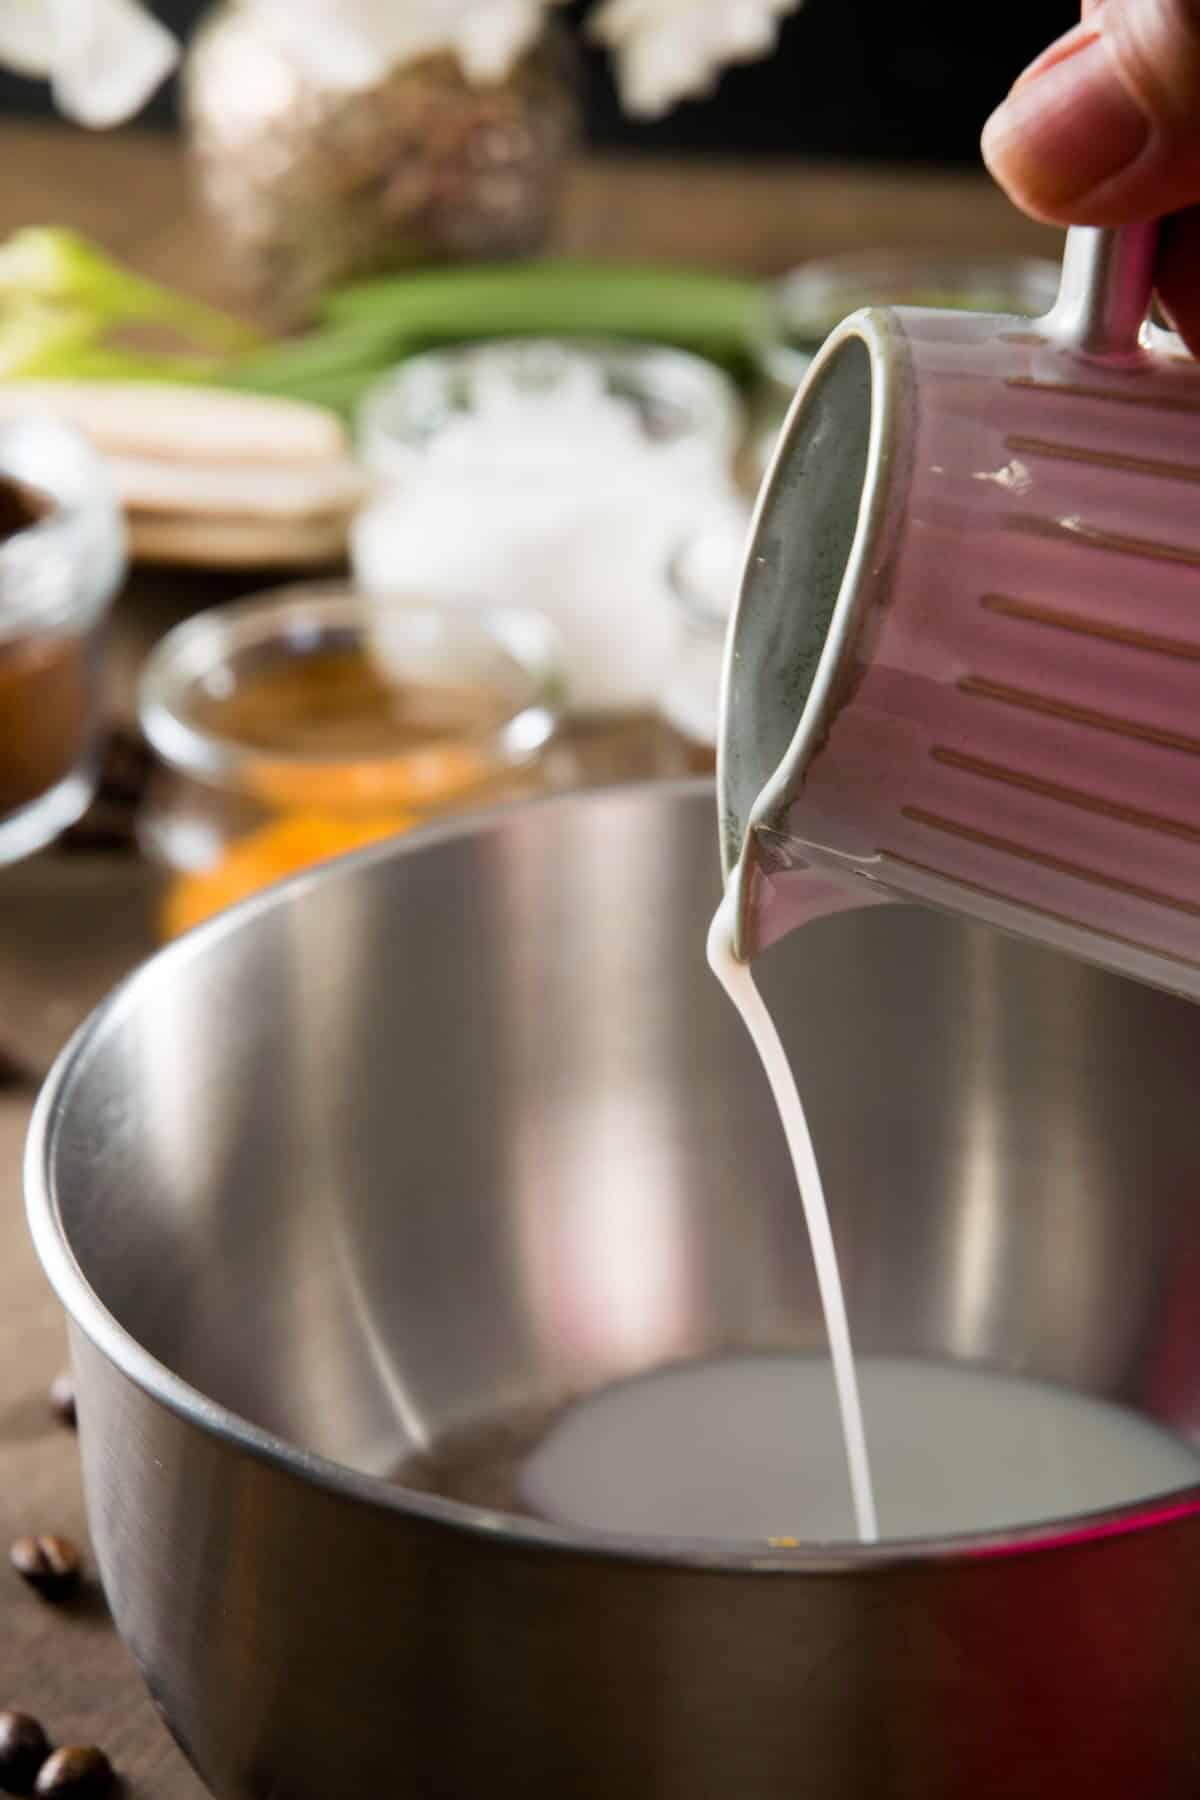 Milk pouring into a saucepan.